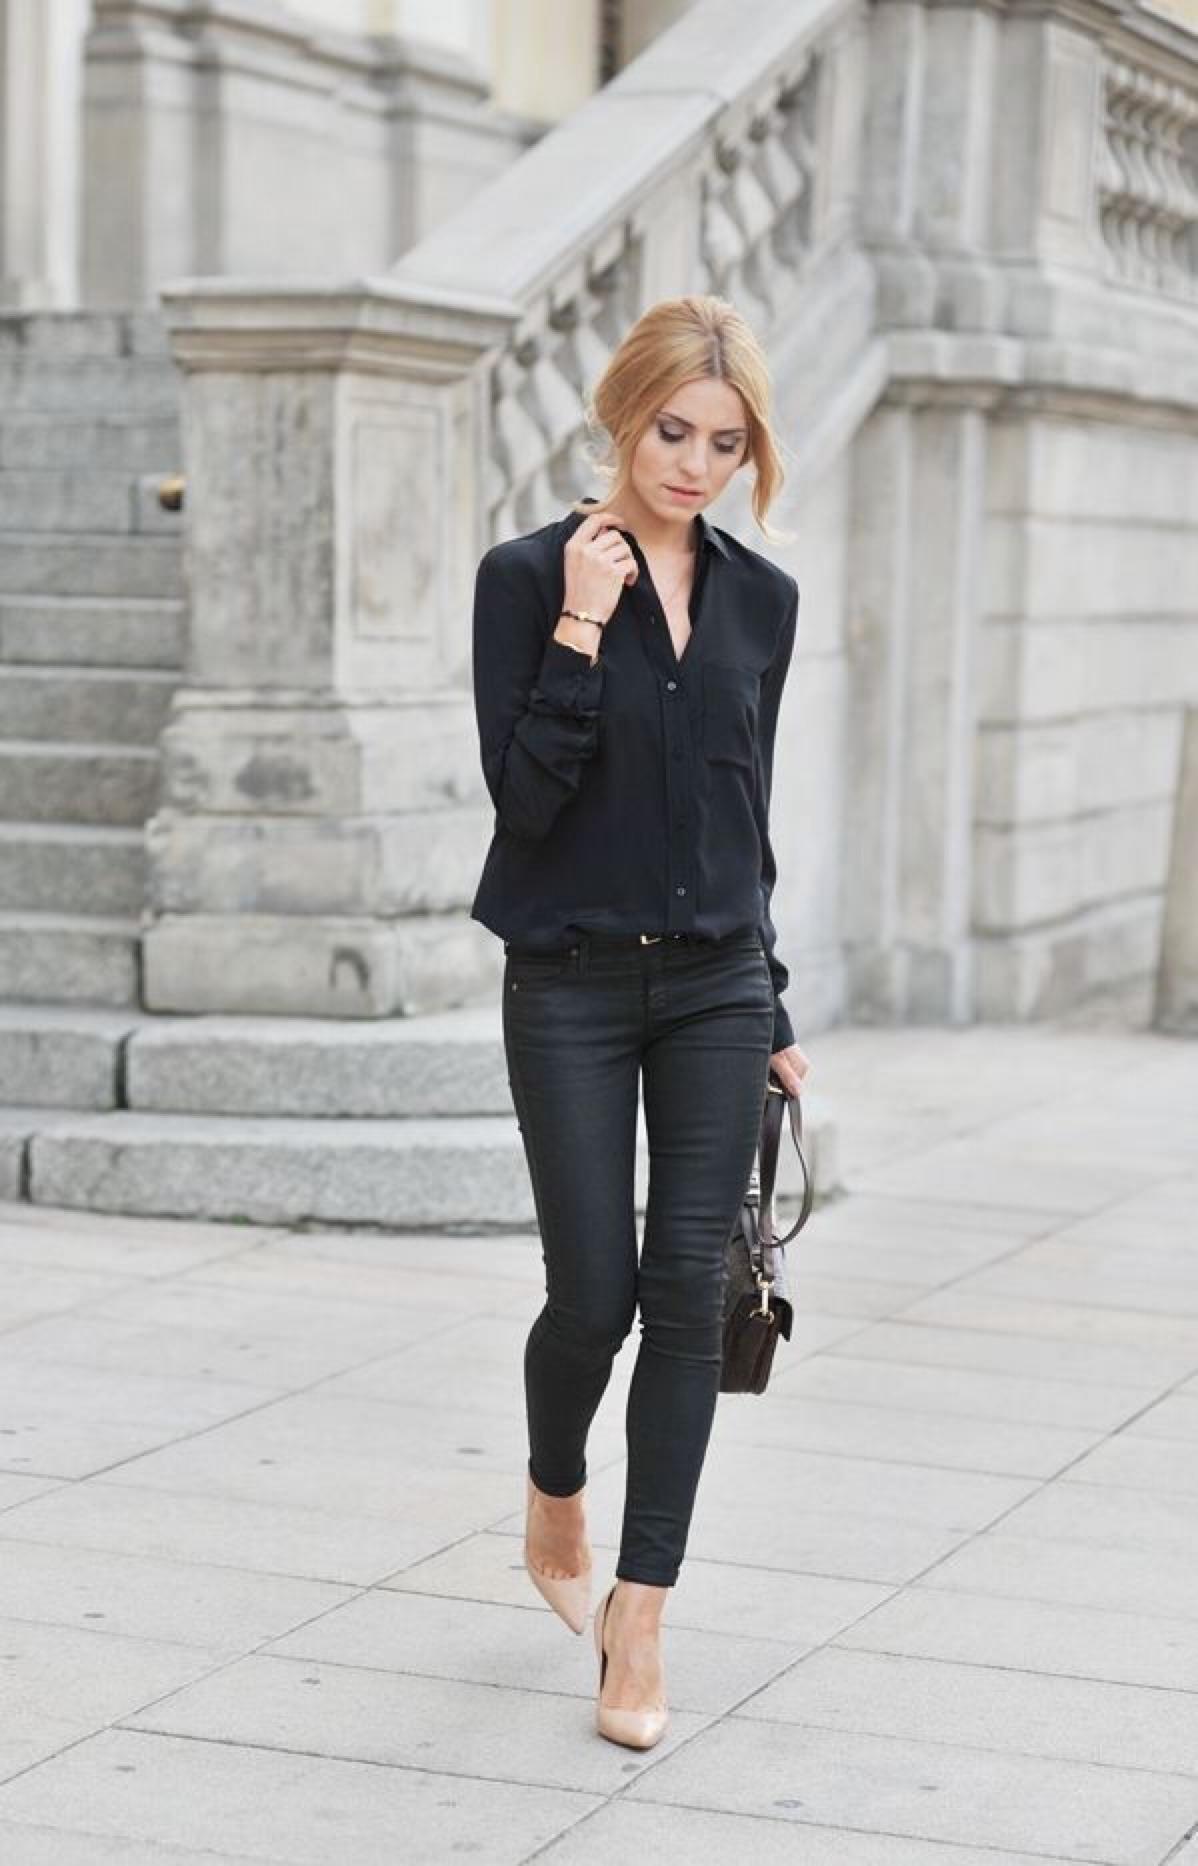 Como combinar tacones beige con pantalones negros